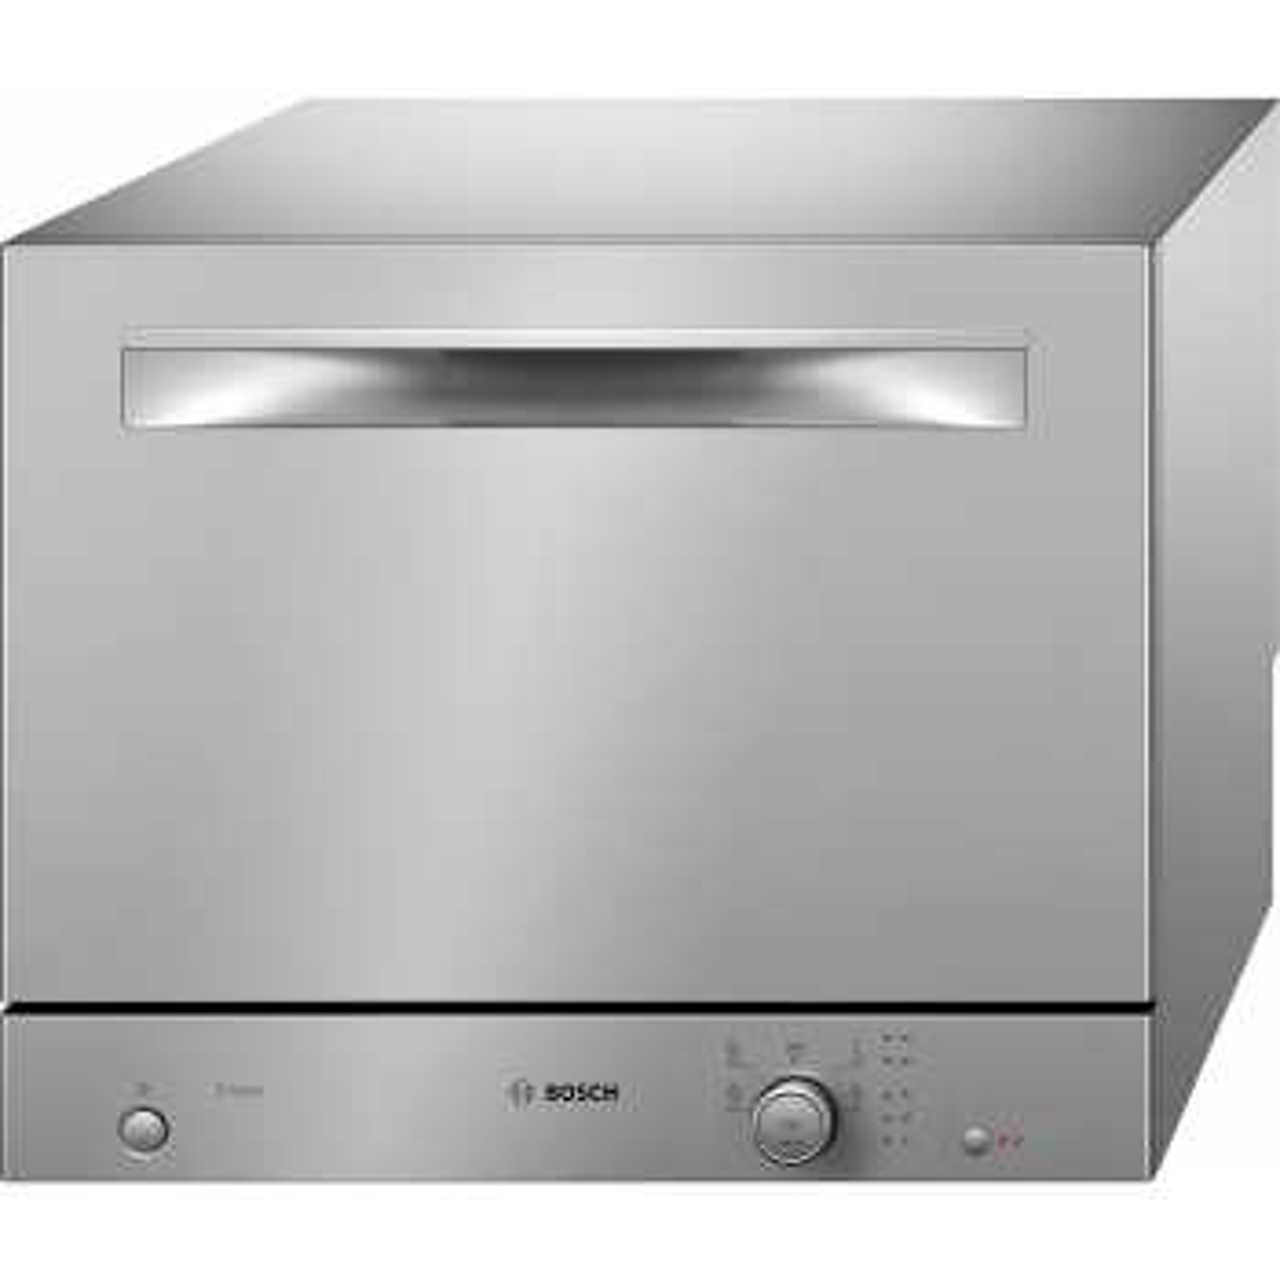 ماشین ظرفشویی رومیزی بوش مدل SKS51E28EU